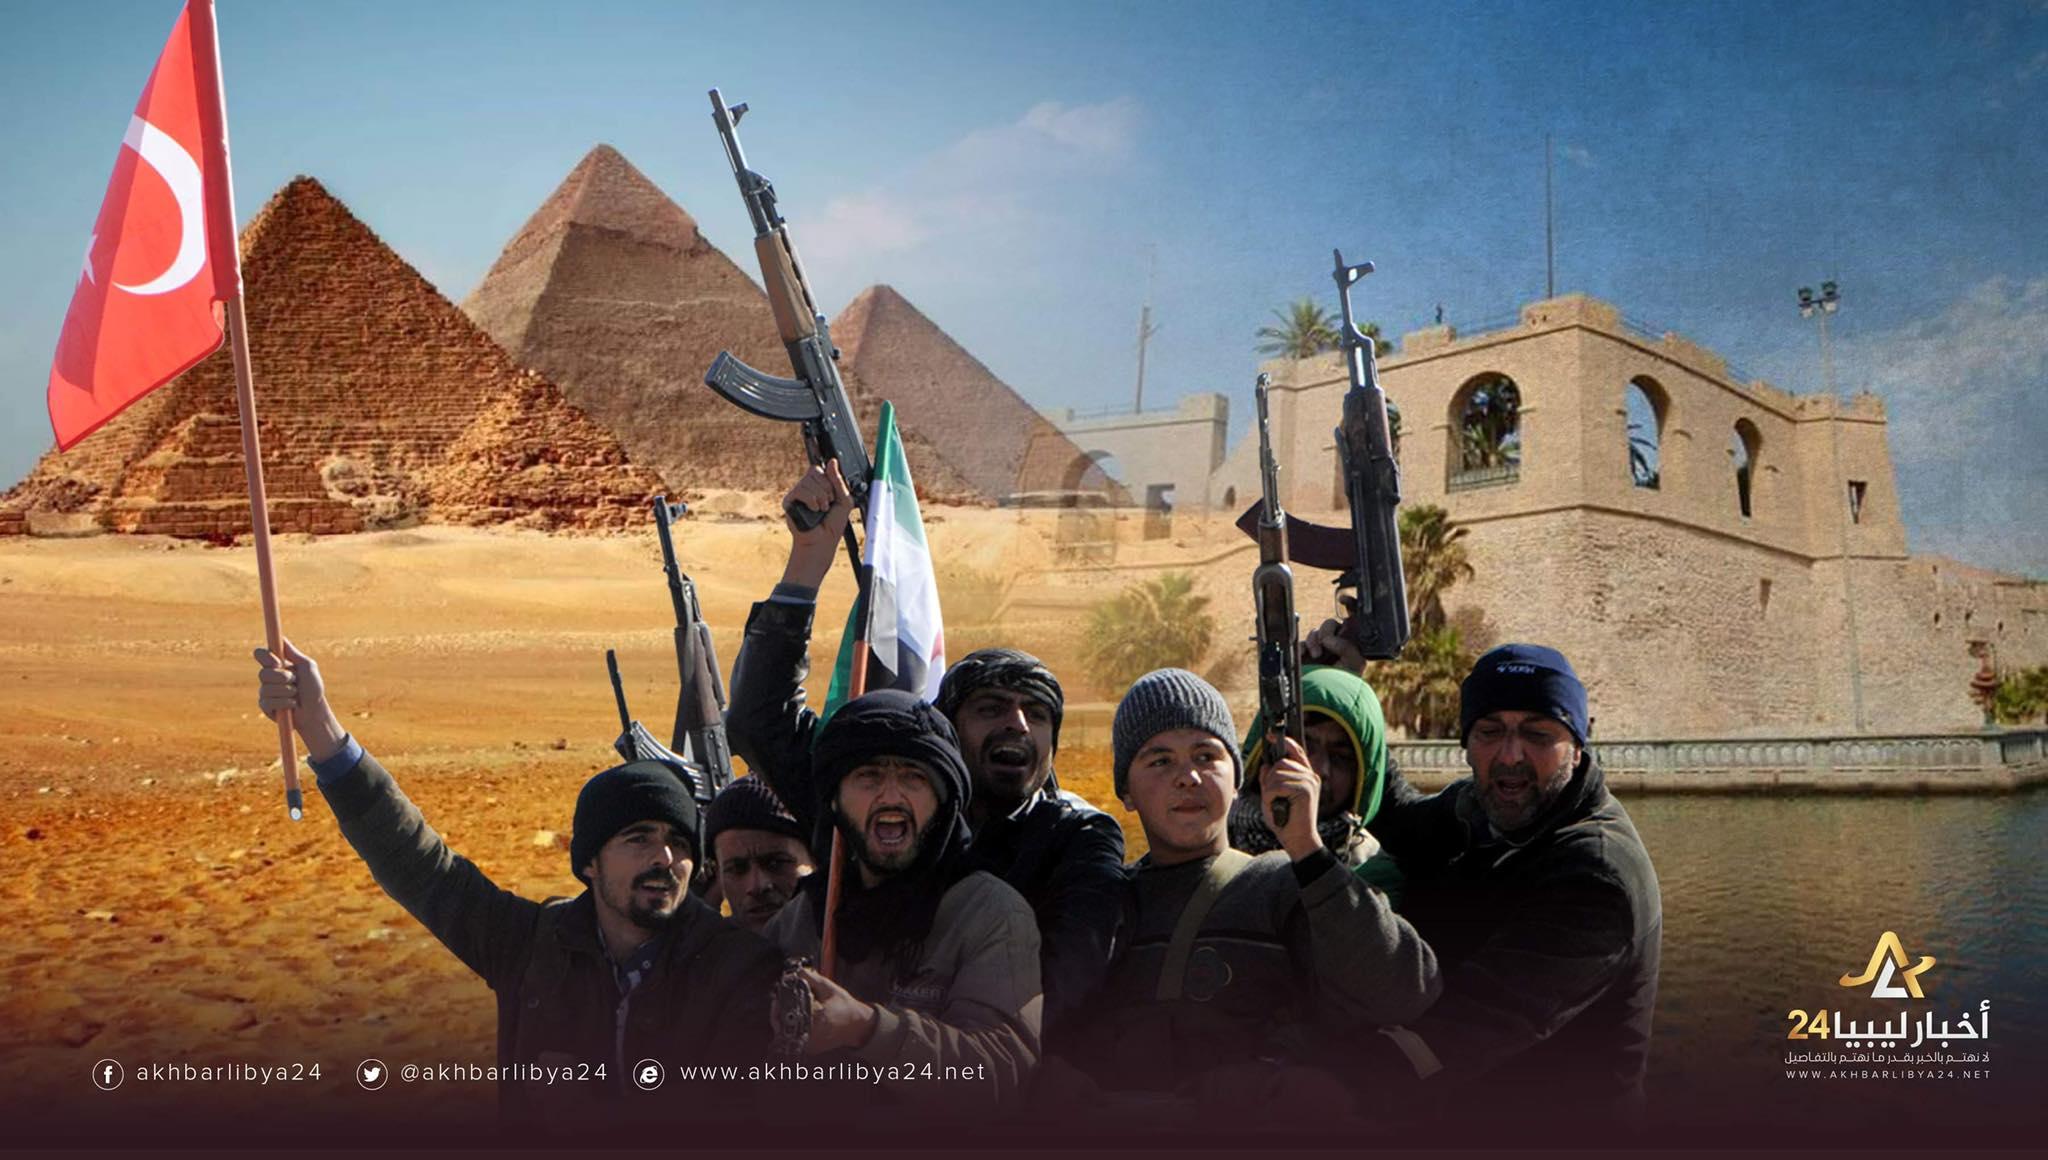 صورة دماءٌ تُهرق وأبرياء يُقتلون .. مصر تنخرط في حلّ أزمة الدّواعش في ليبيا